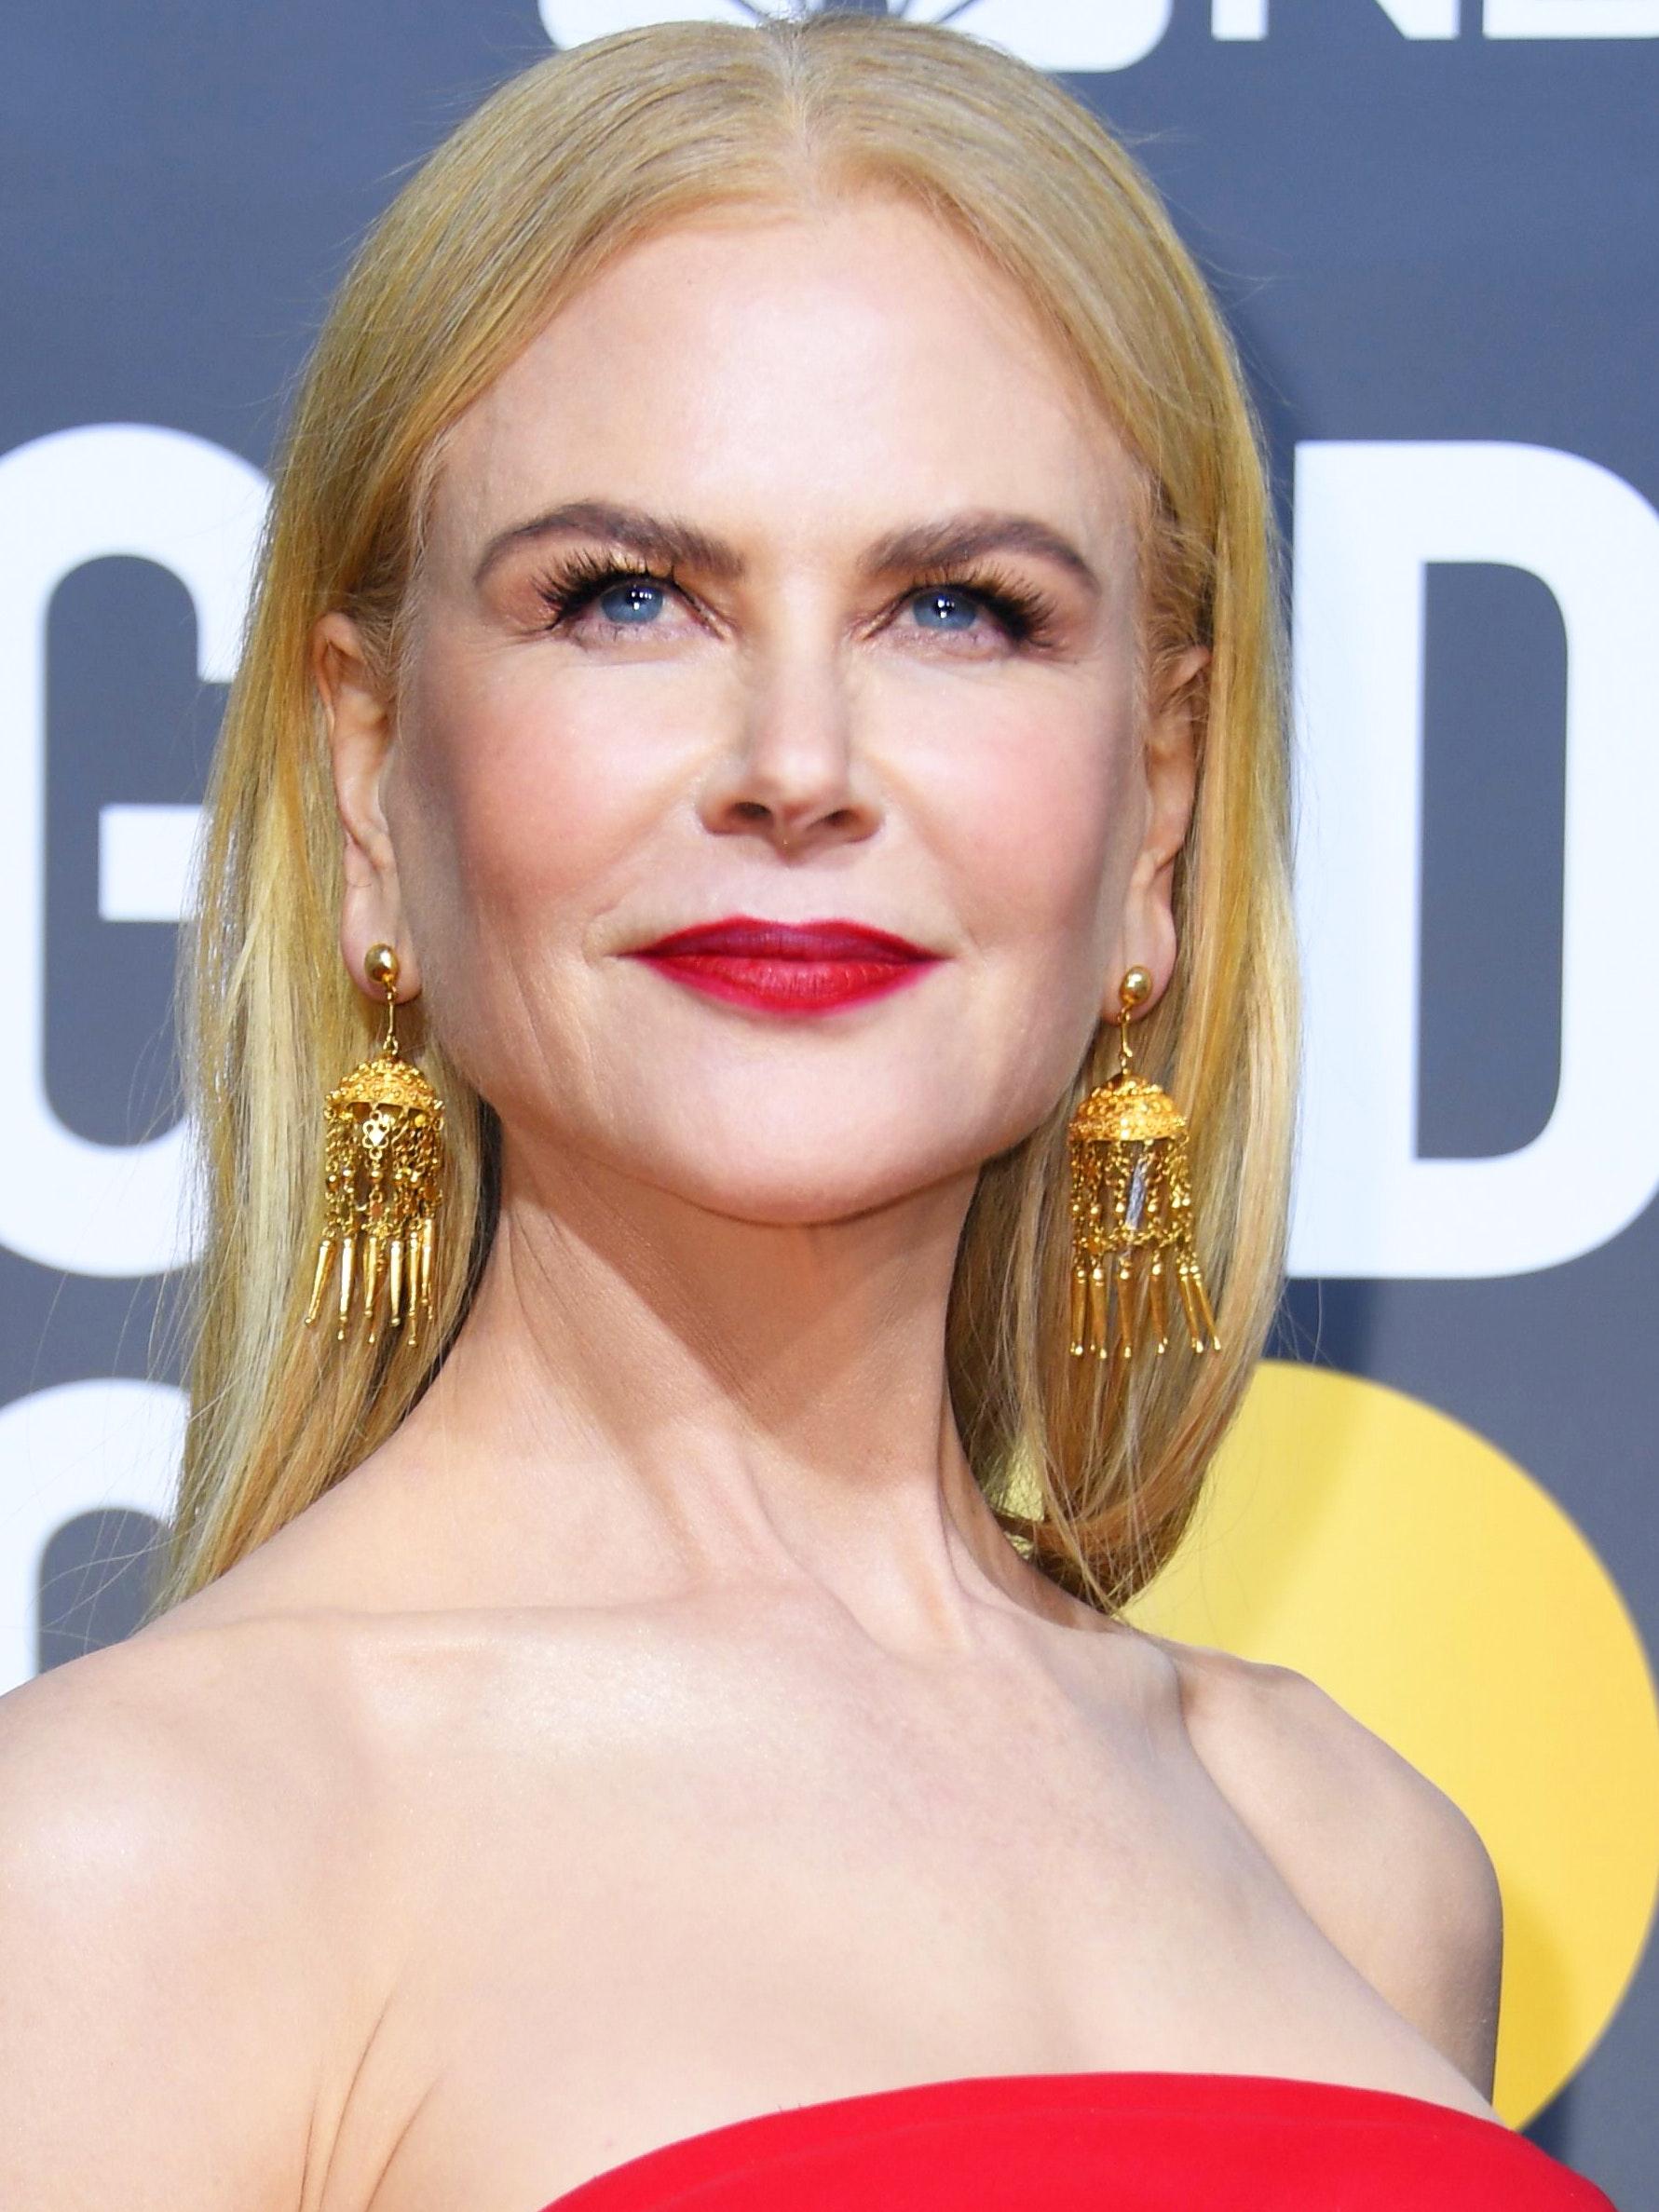 Nicole Kidman Golden Globes 2020 beauty hair look